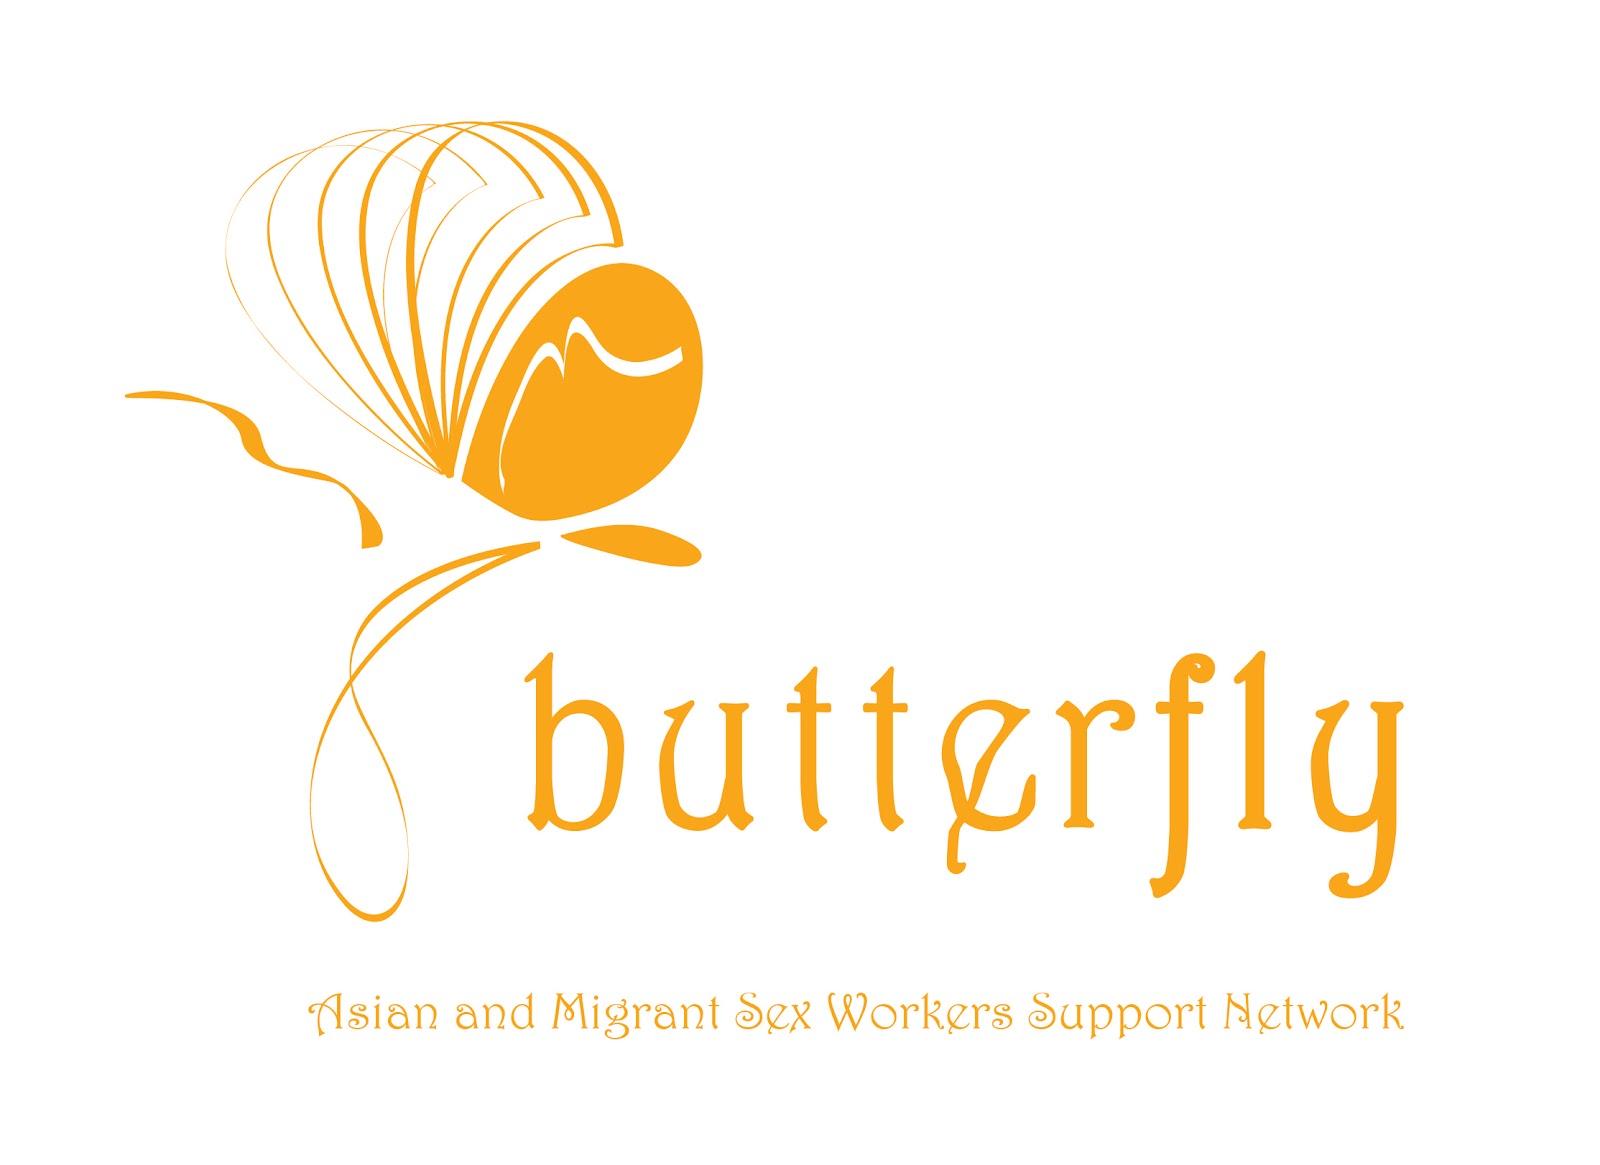 butterfly-2016-logo-02.jpg